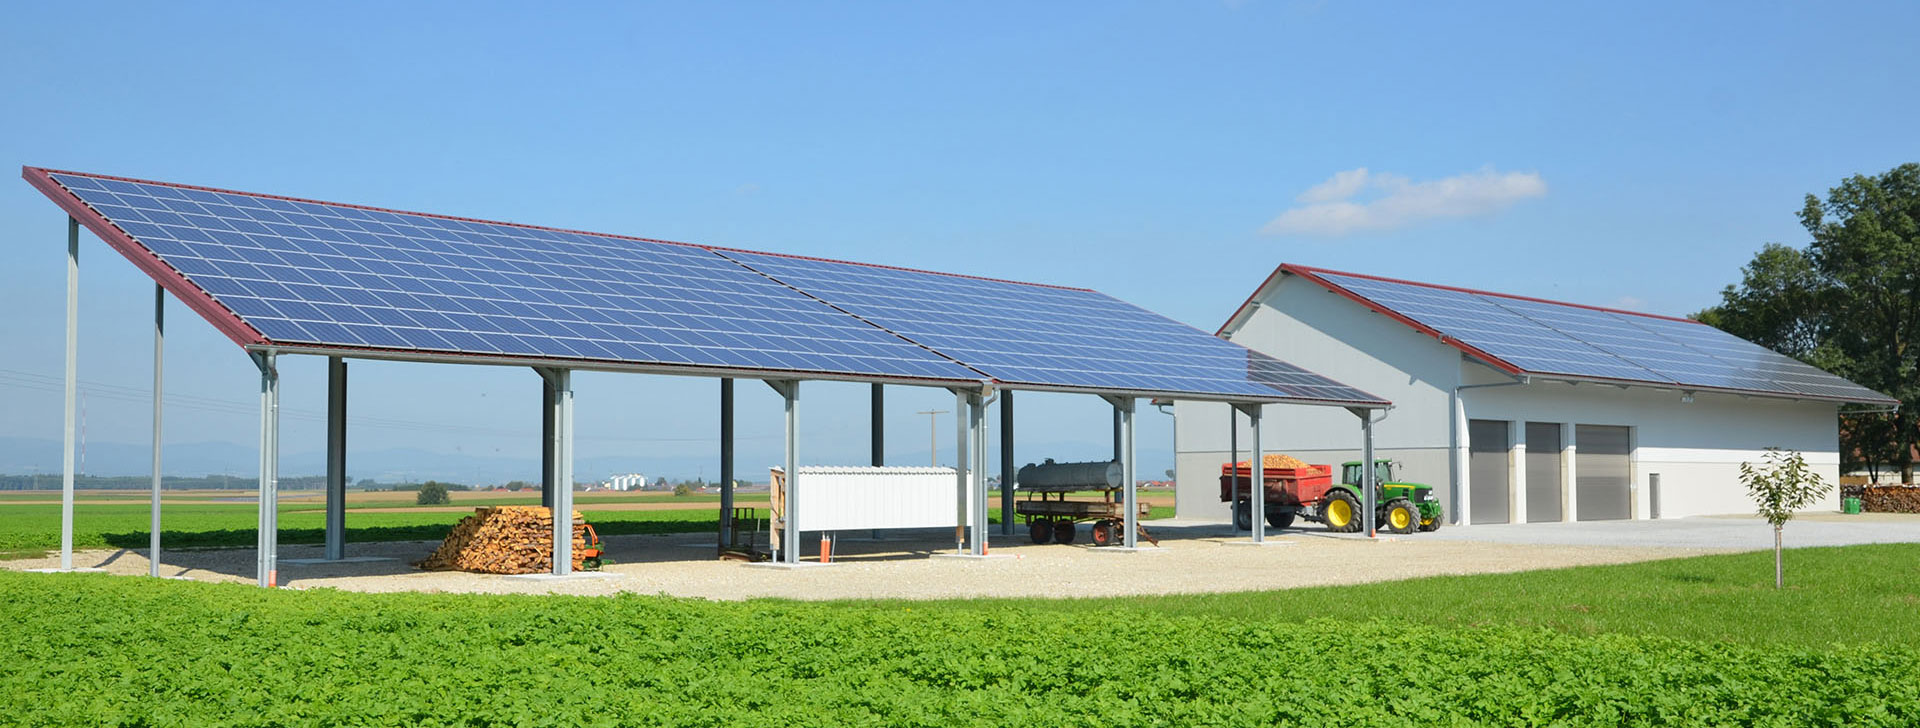 Halle mit Photovoltaik